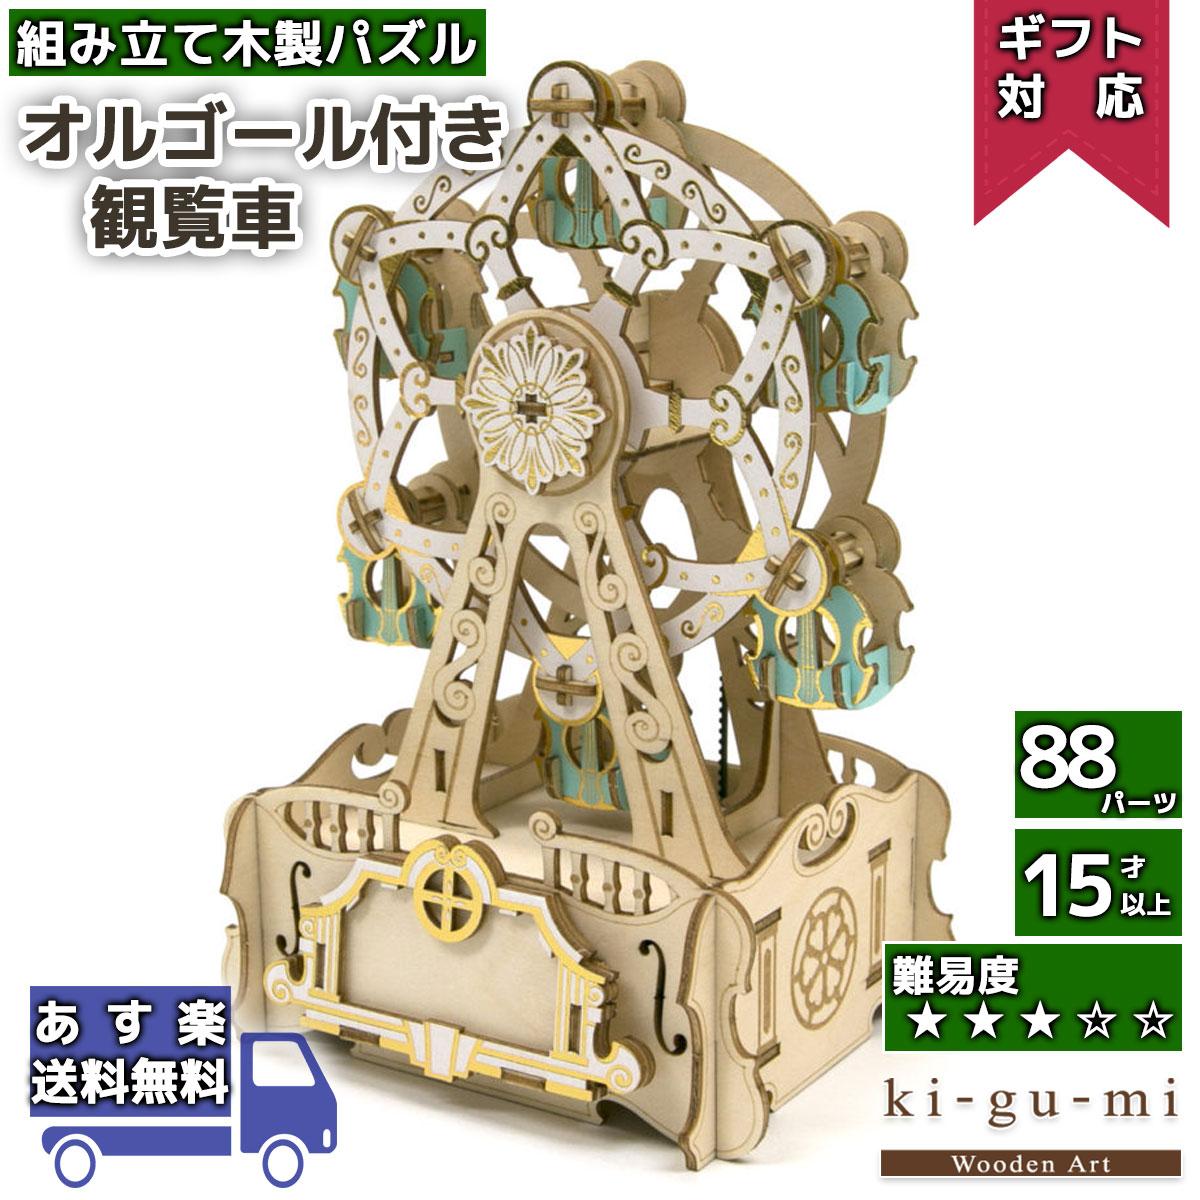 パズル, 立体パズル 10OFF 311 01:59 kigumi ki-gu-mi azone 3D